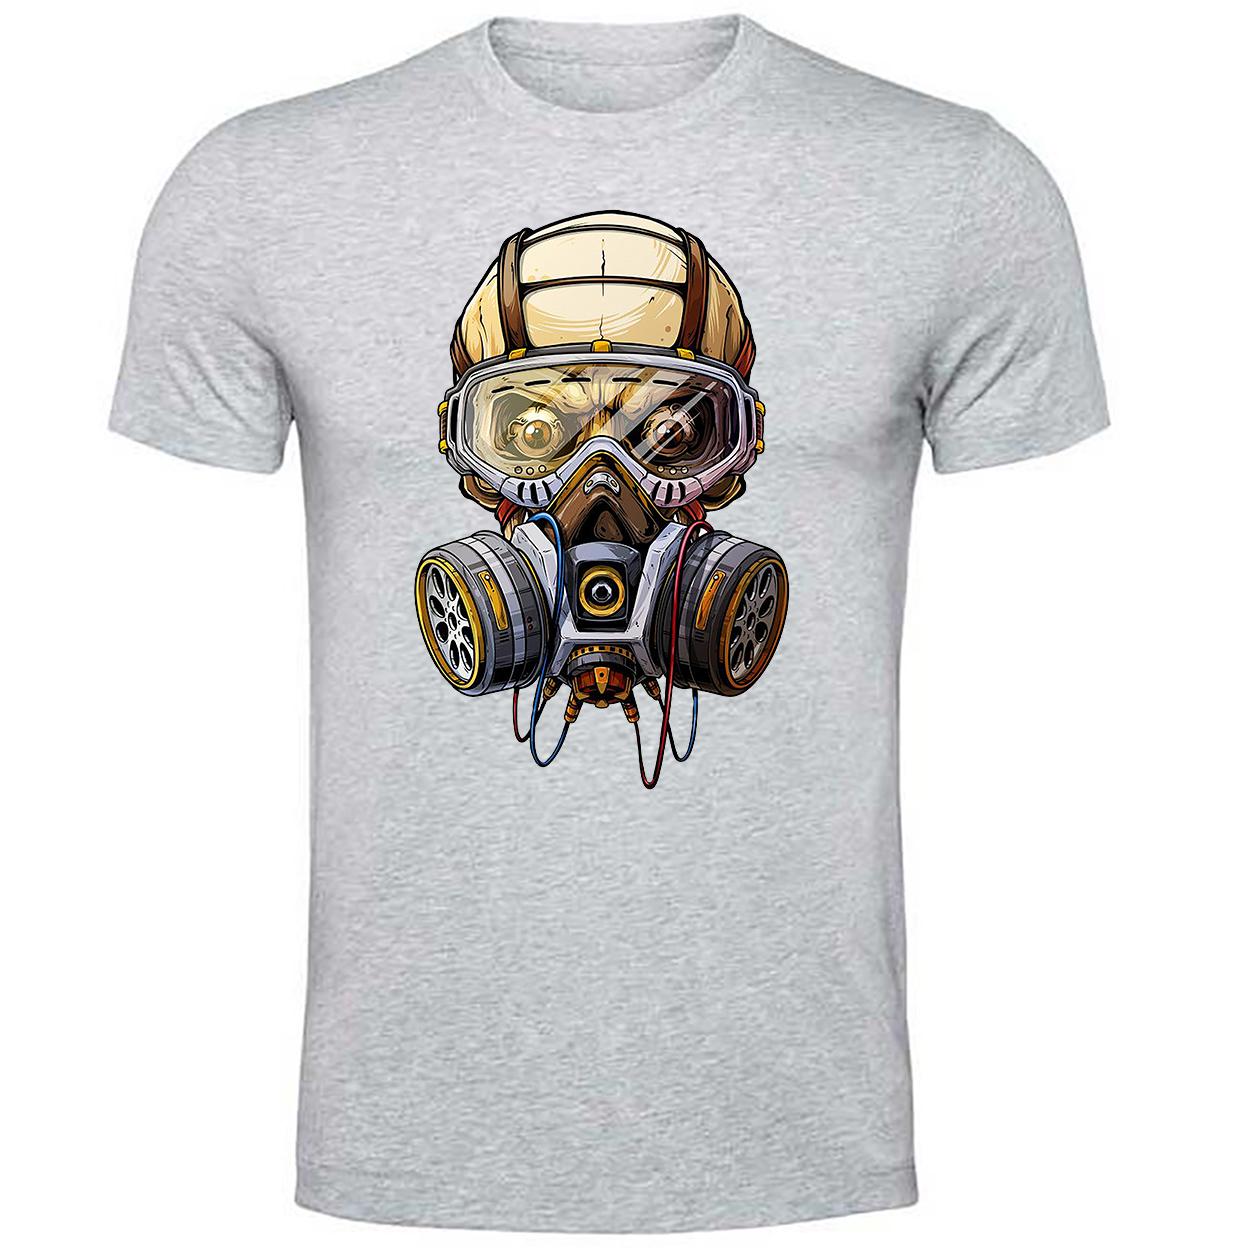 خرید ارزان تی شرت مردانه طرح صورت ماسک دار کد sm2